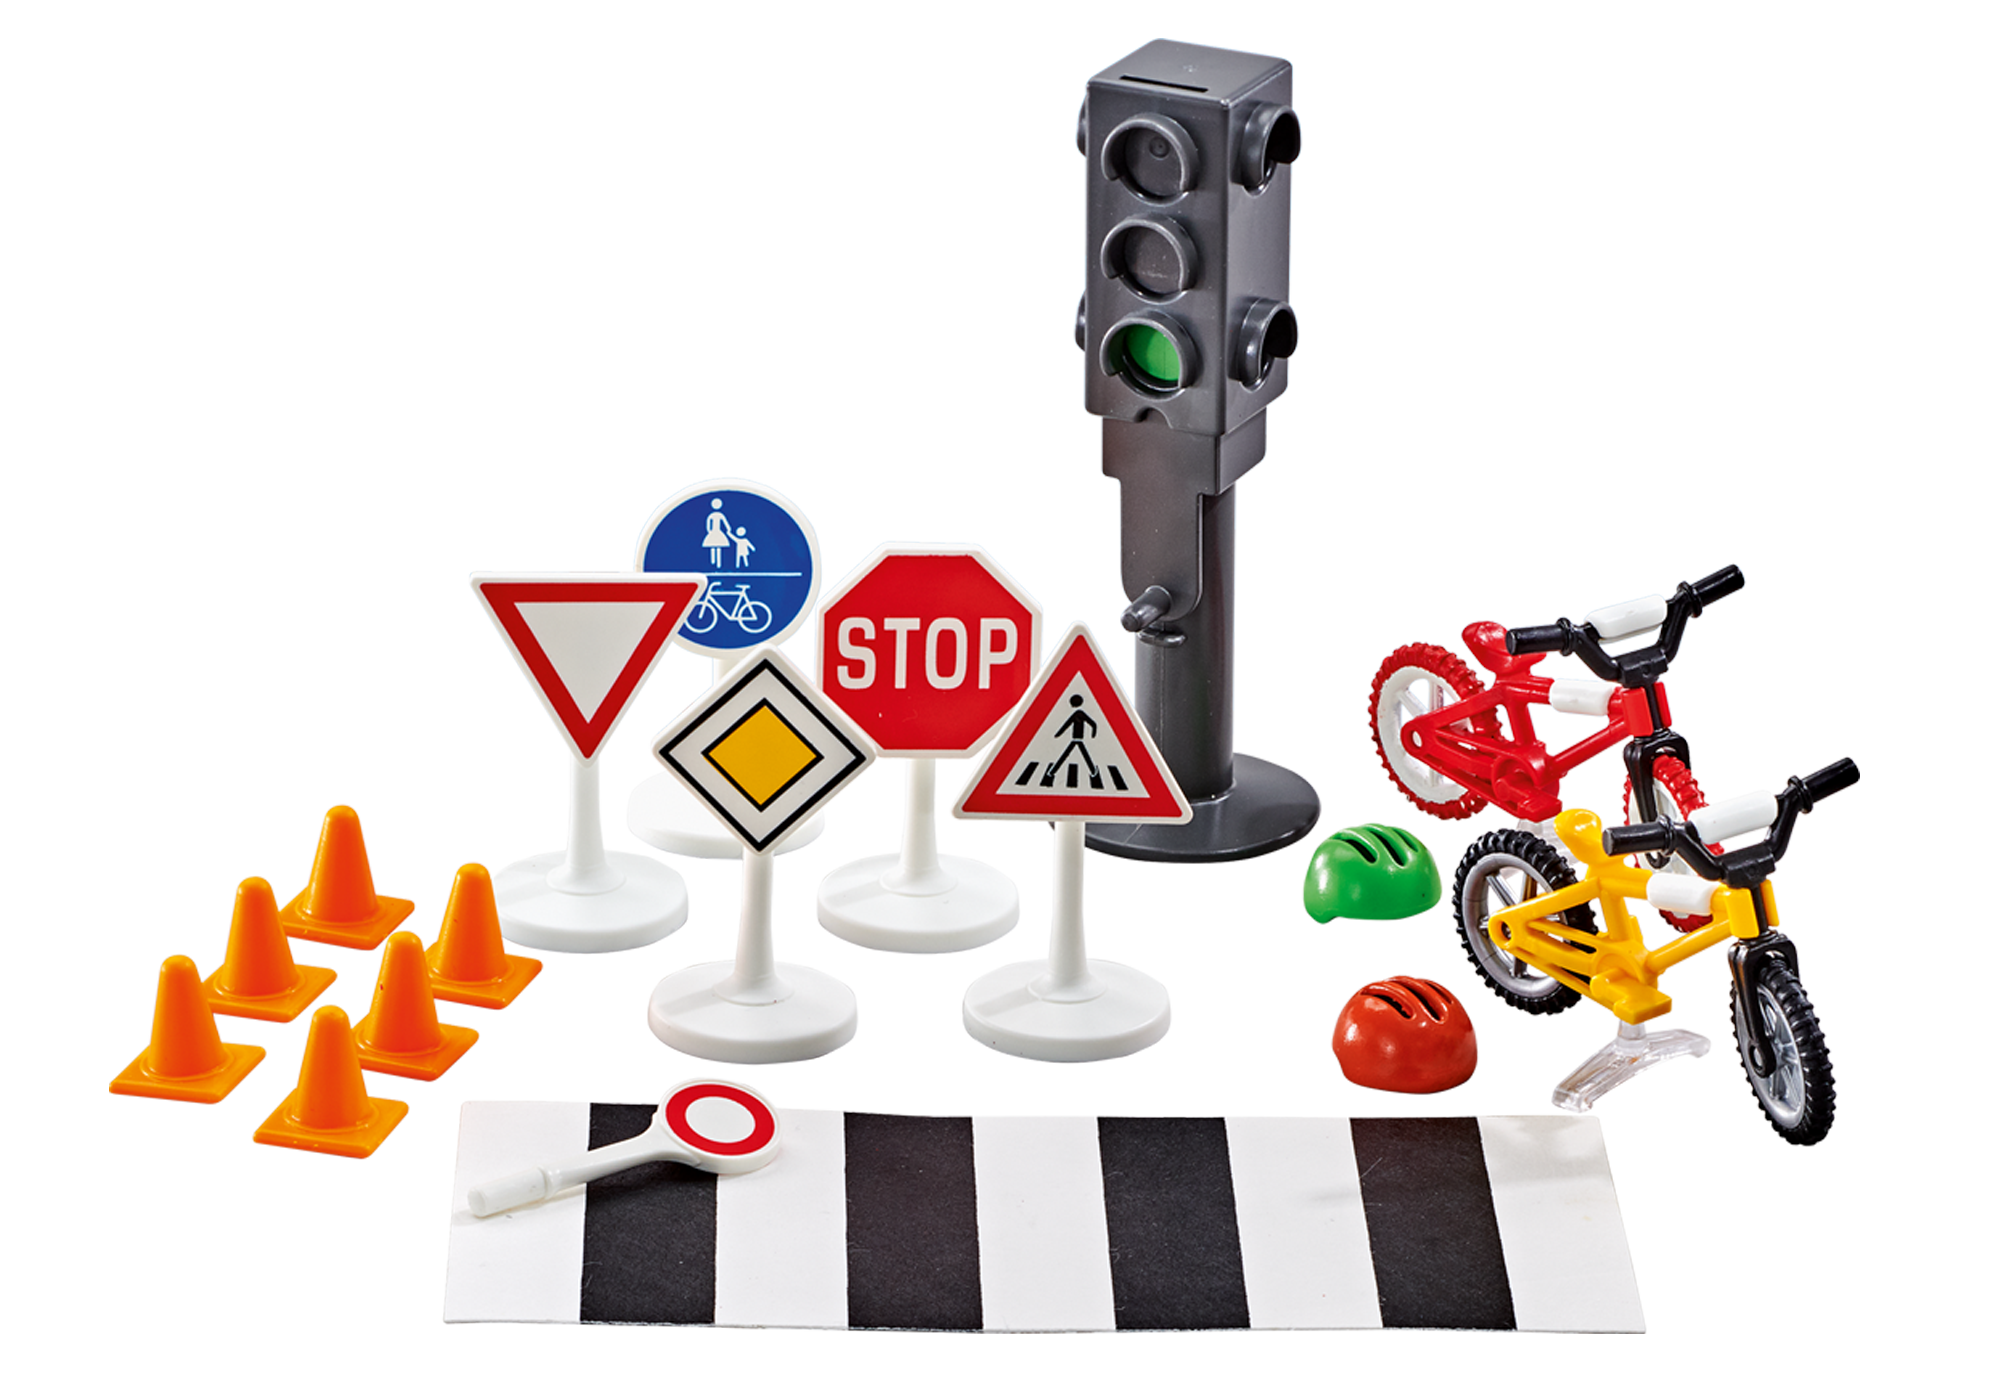 http://media.playmobil.com/i/playmobil/9812_product_detail/Passadeira com sinais de trânsito e 2 bicicletas